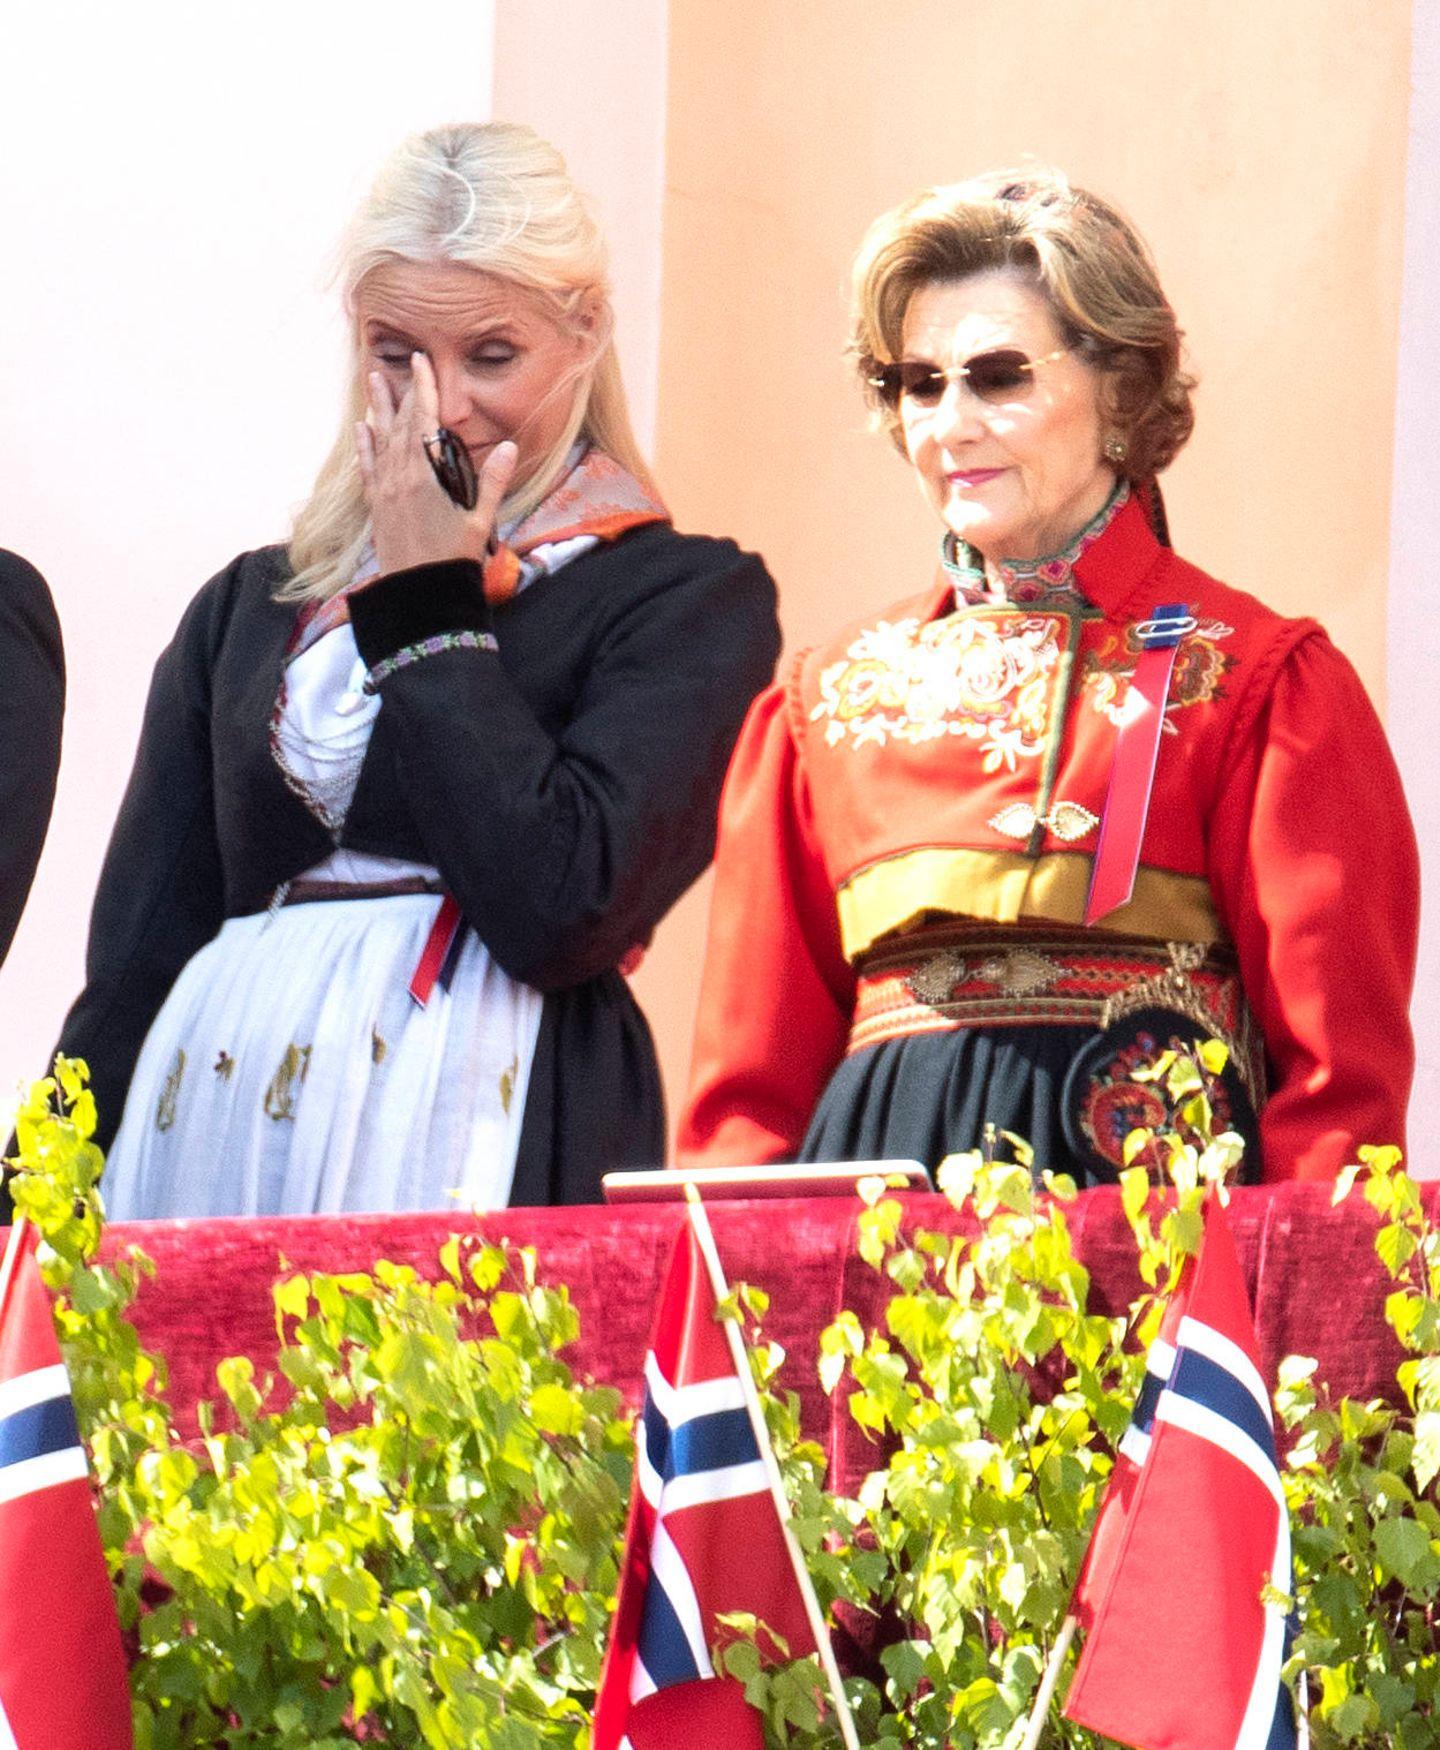 17. Mai 2020  Trotz der Corona-Pandemie haben Tausende Norweger in Parks, auf Balkonen oder online ihren Nationalfeiertag begangen. Von überall aus sangen sie am Sonntag dabei auch die norwegische Nationalhymne. Sichtlich gerührt von dieser ungewöhnlichen Aktion steht Prinzessin Mette-Marit mit der Familie auf dem Schlossbalkon.